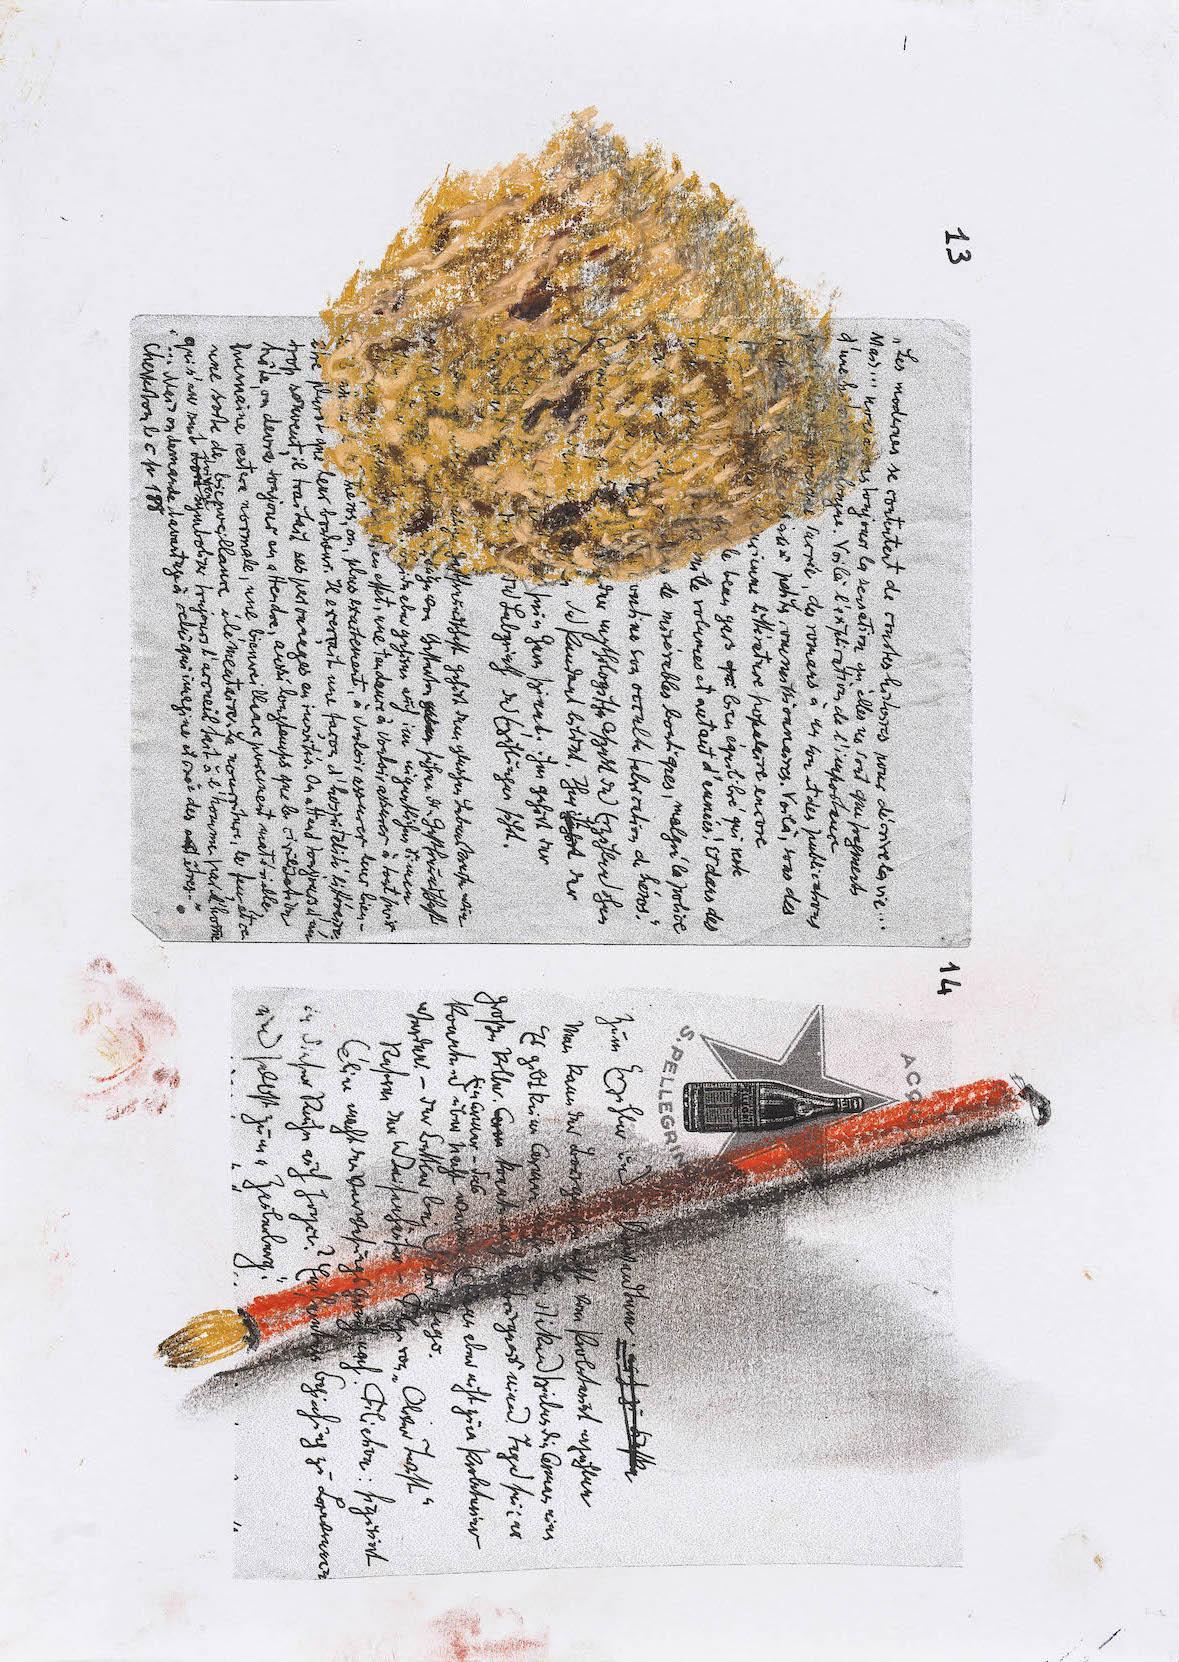 Nello spazio della scrittura, Spugna gettata su pennello su fotocopia di manoscrito di Walter Benjamin, 2018, pastello, 30x21